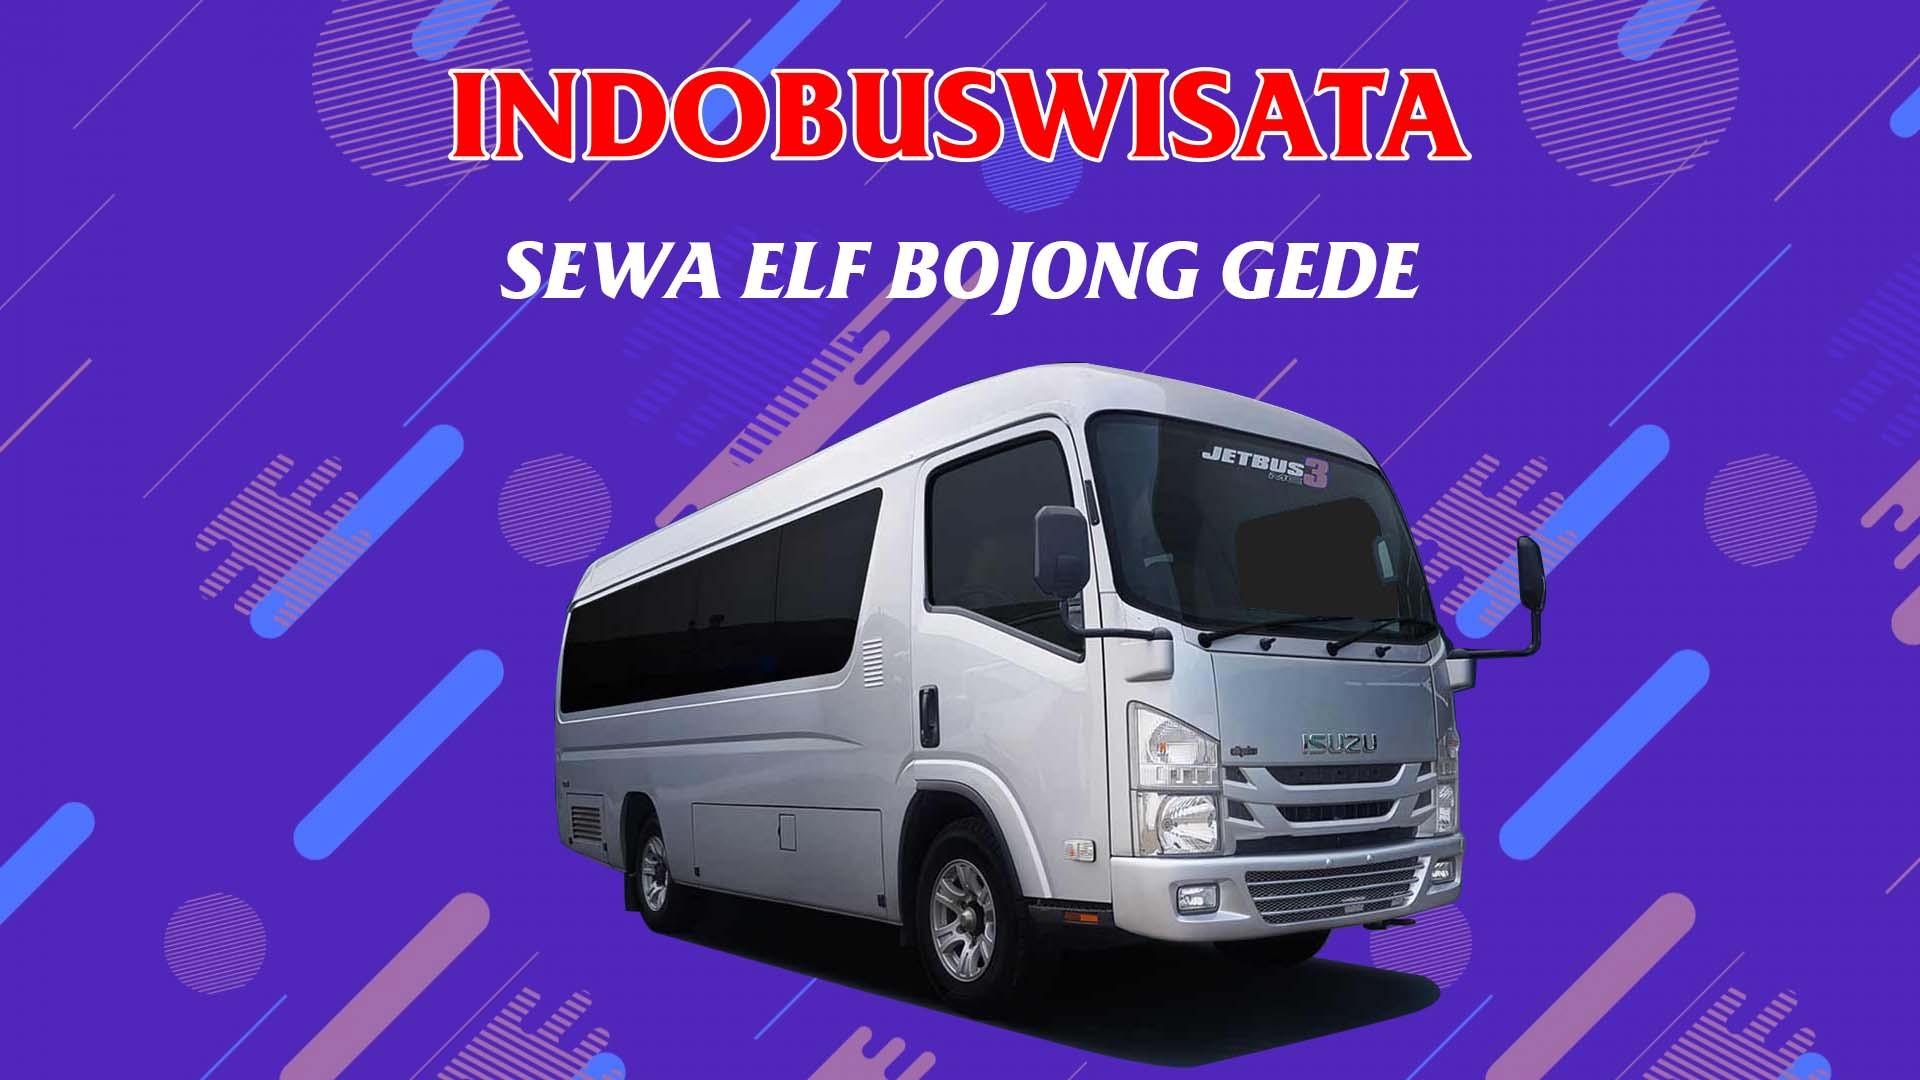 007 Sewa Elf Bojong Gede Indobuswisata